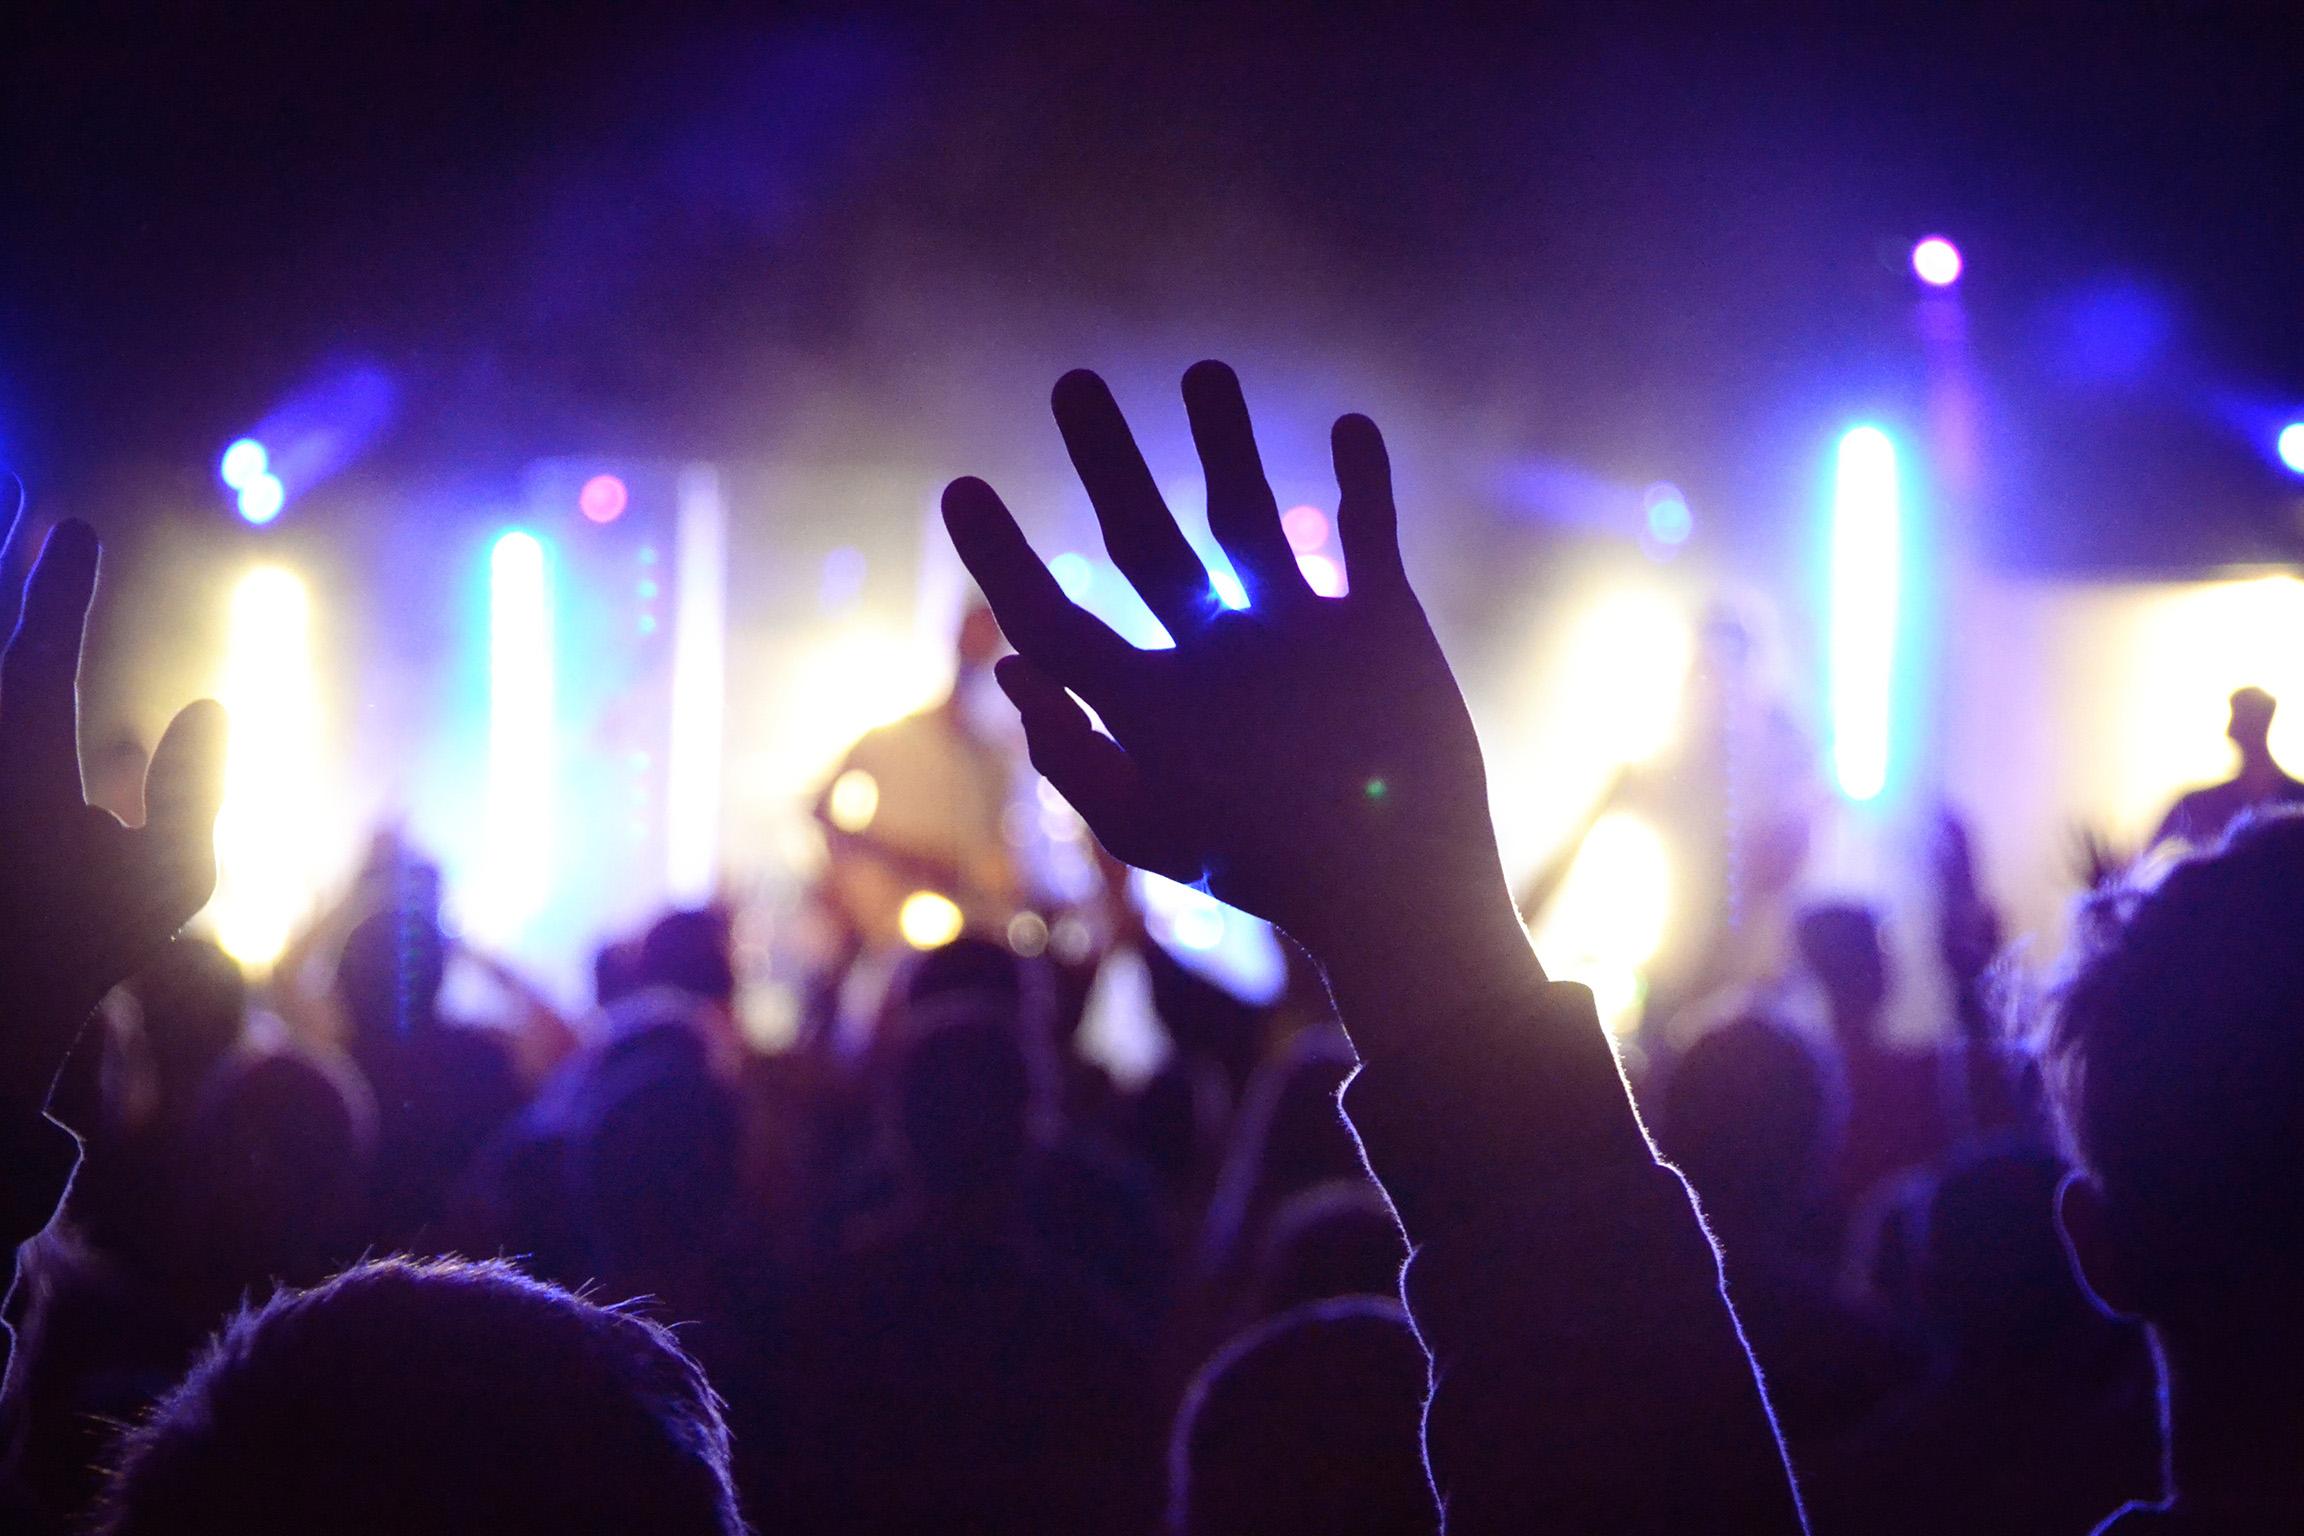 Käsi on kohotettuna ilmaan musiikkikonsertissa.